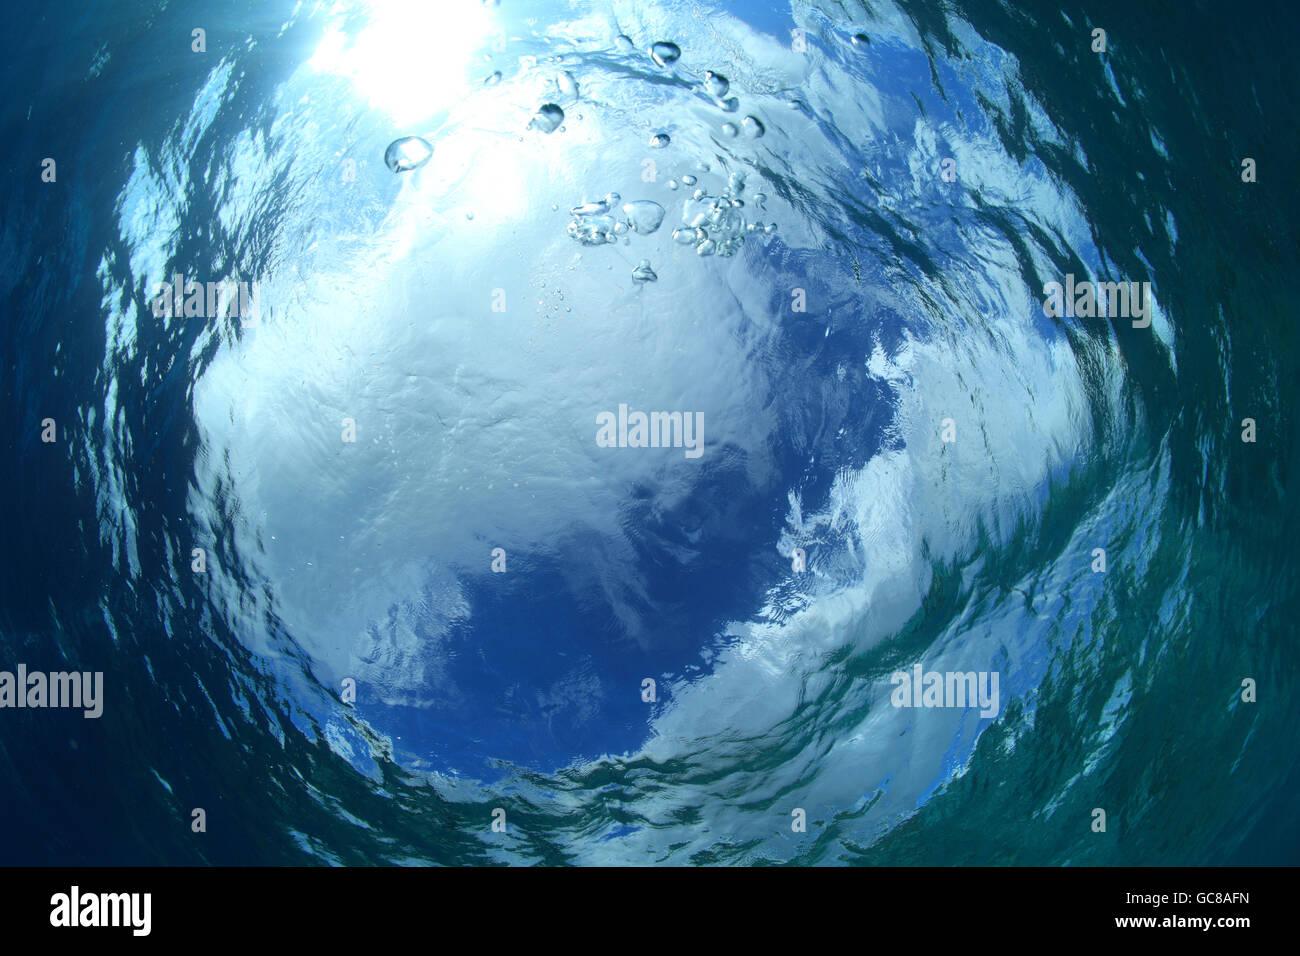 Superficie di acqua e luce solare nell'oceano Immagini Stock